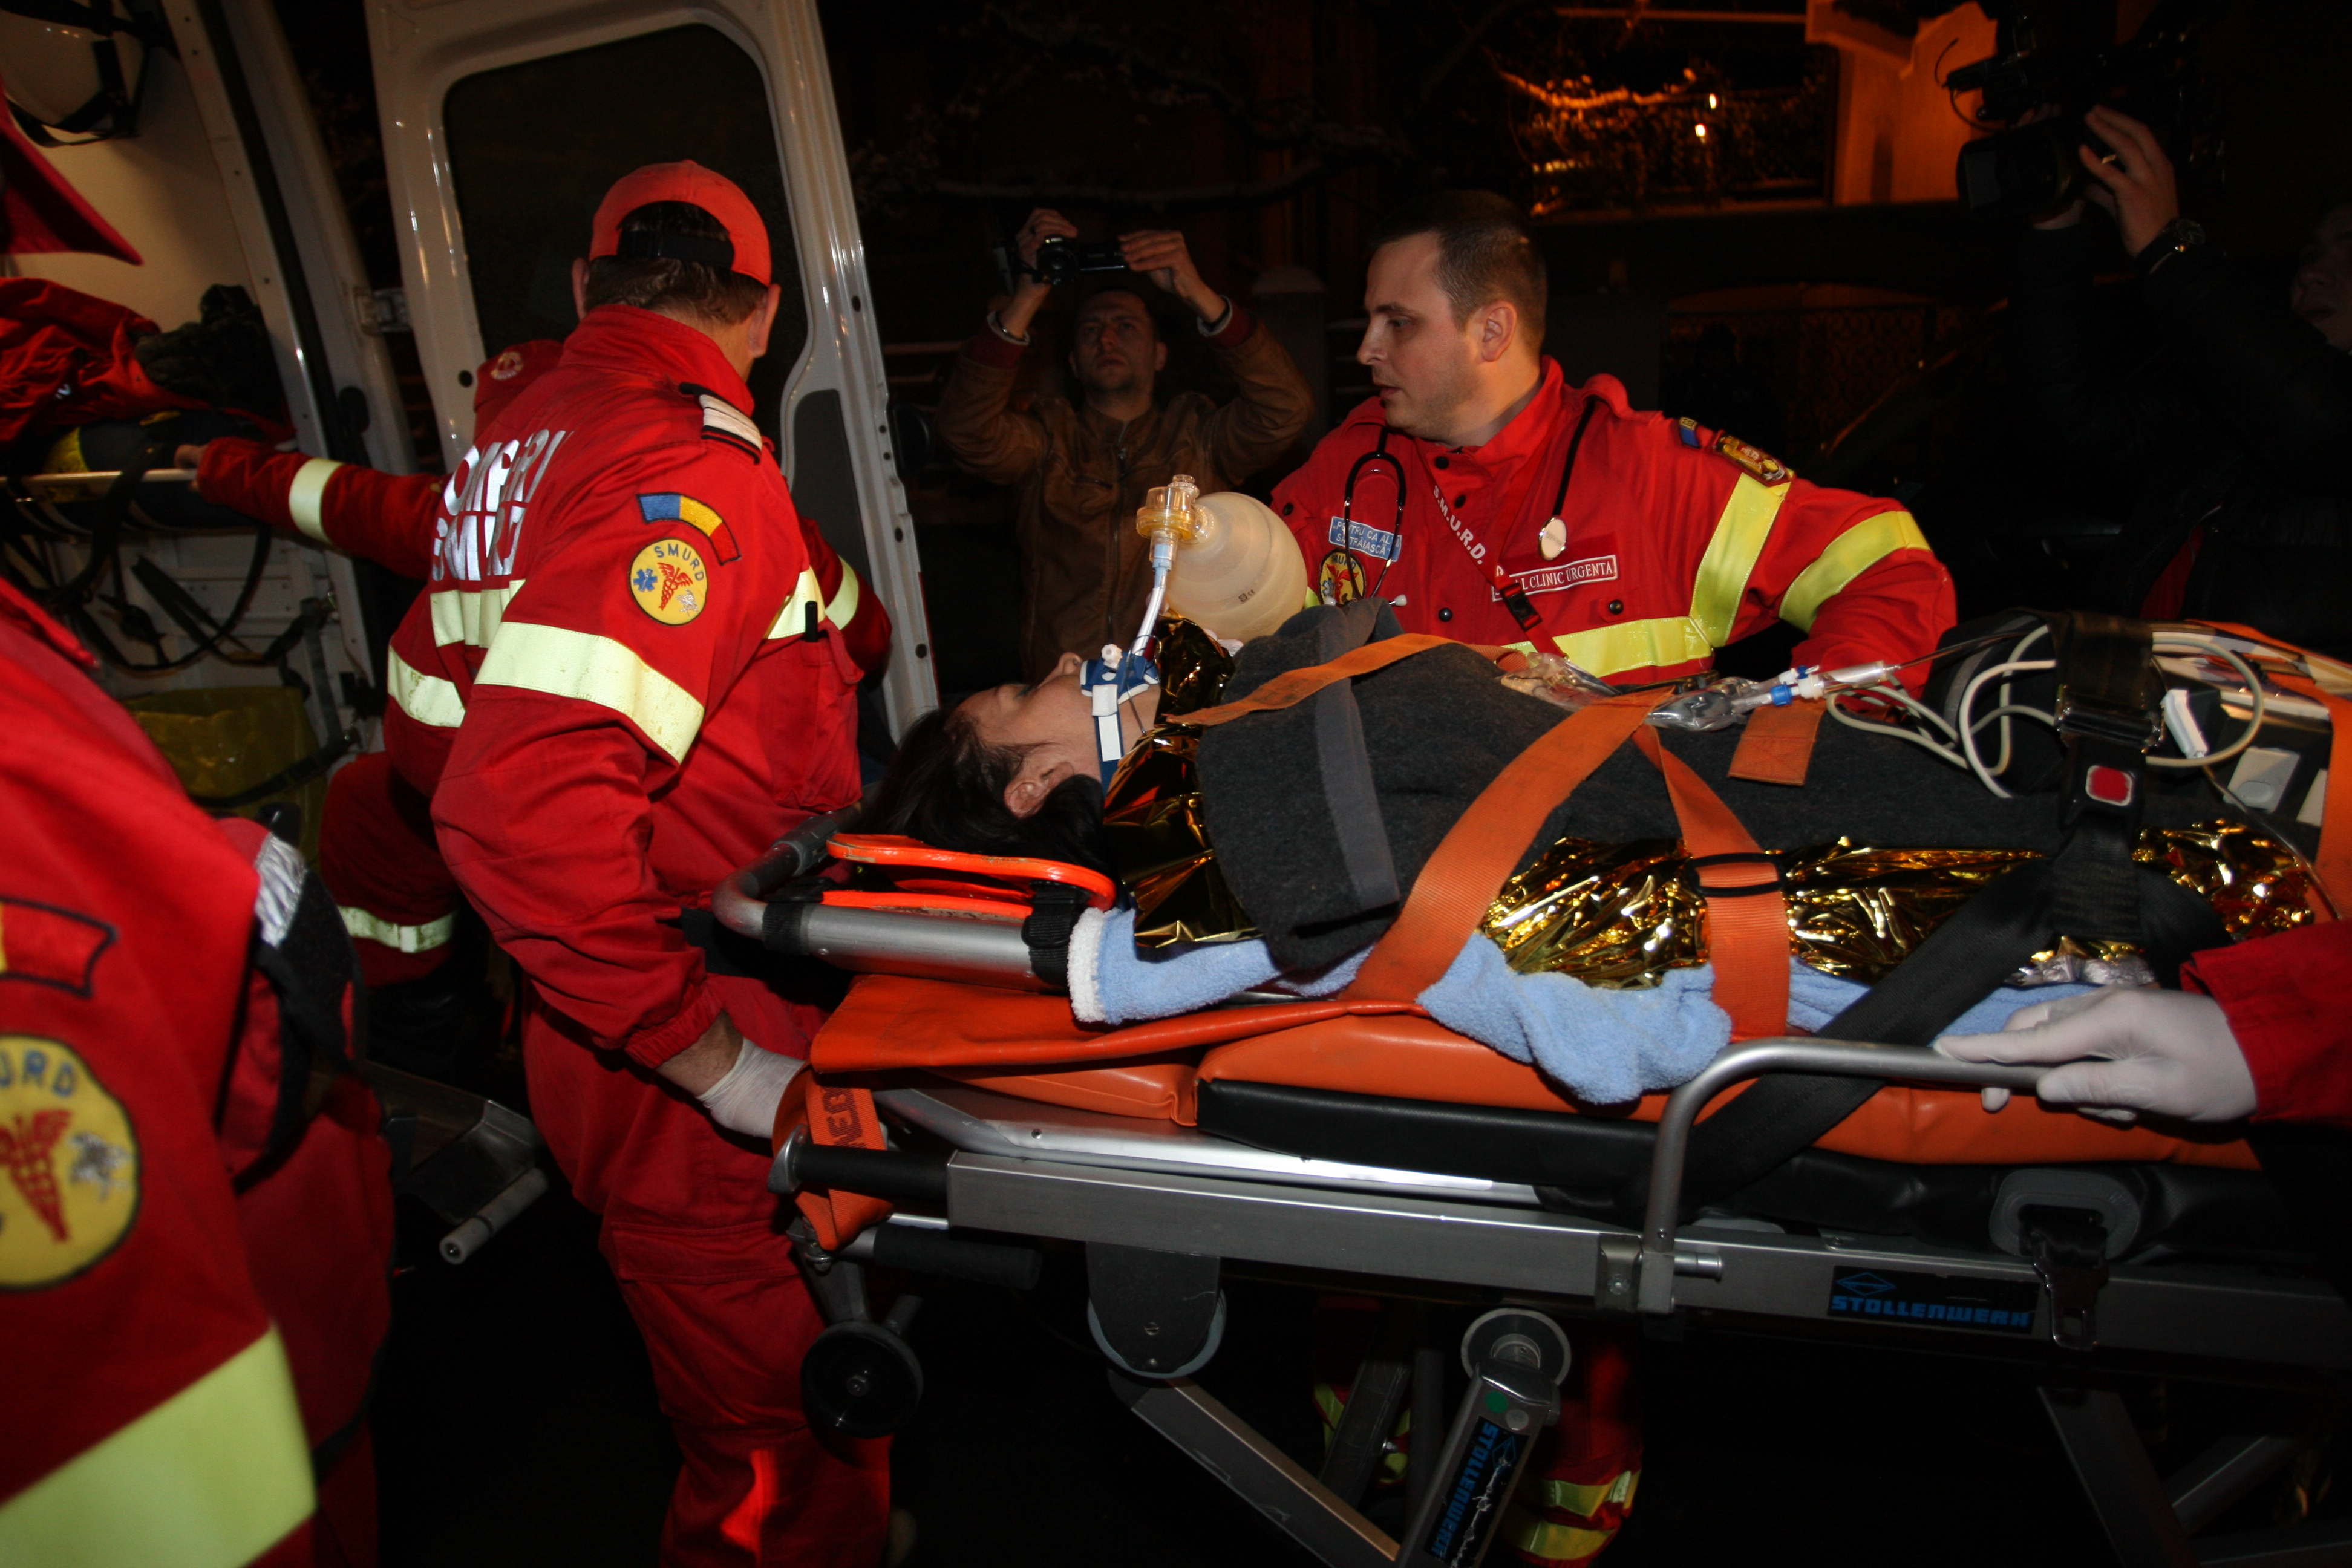 Zavo a fost transportata cu targa, la spital, marti seara, la numai 24 de ore dupa ce s-a externat pe propria semnatura